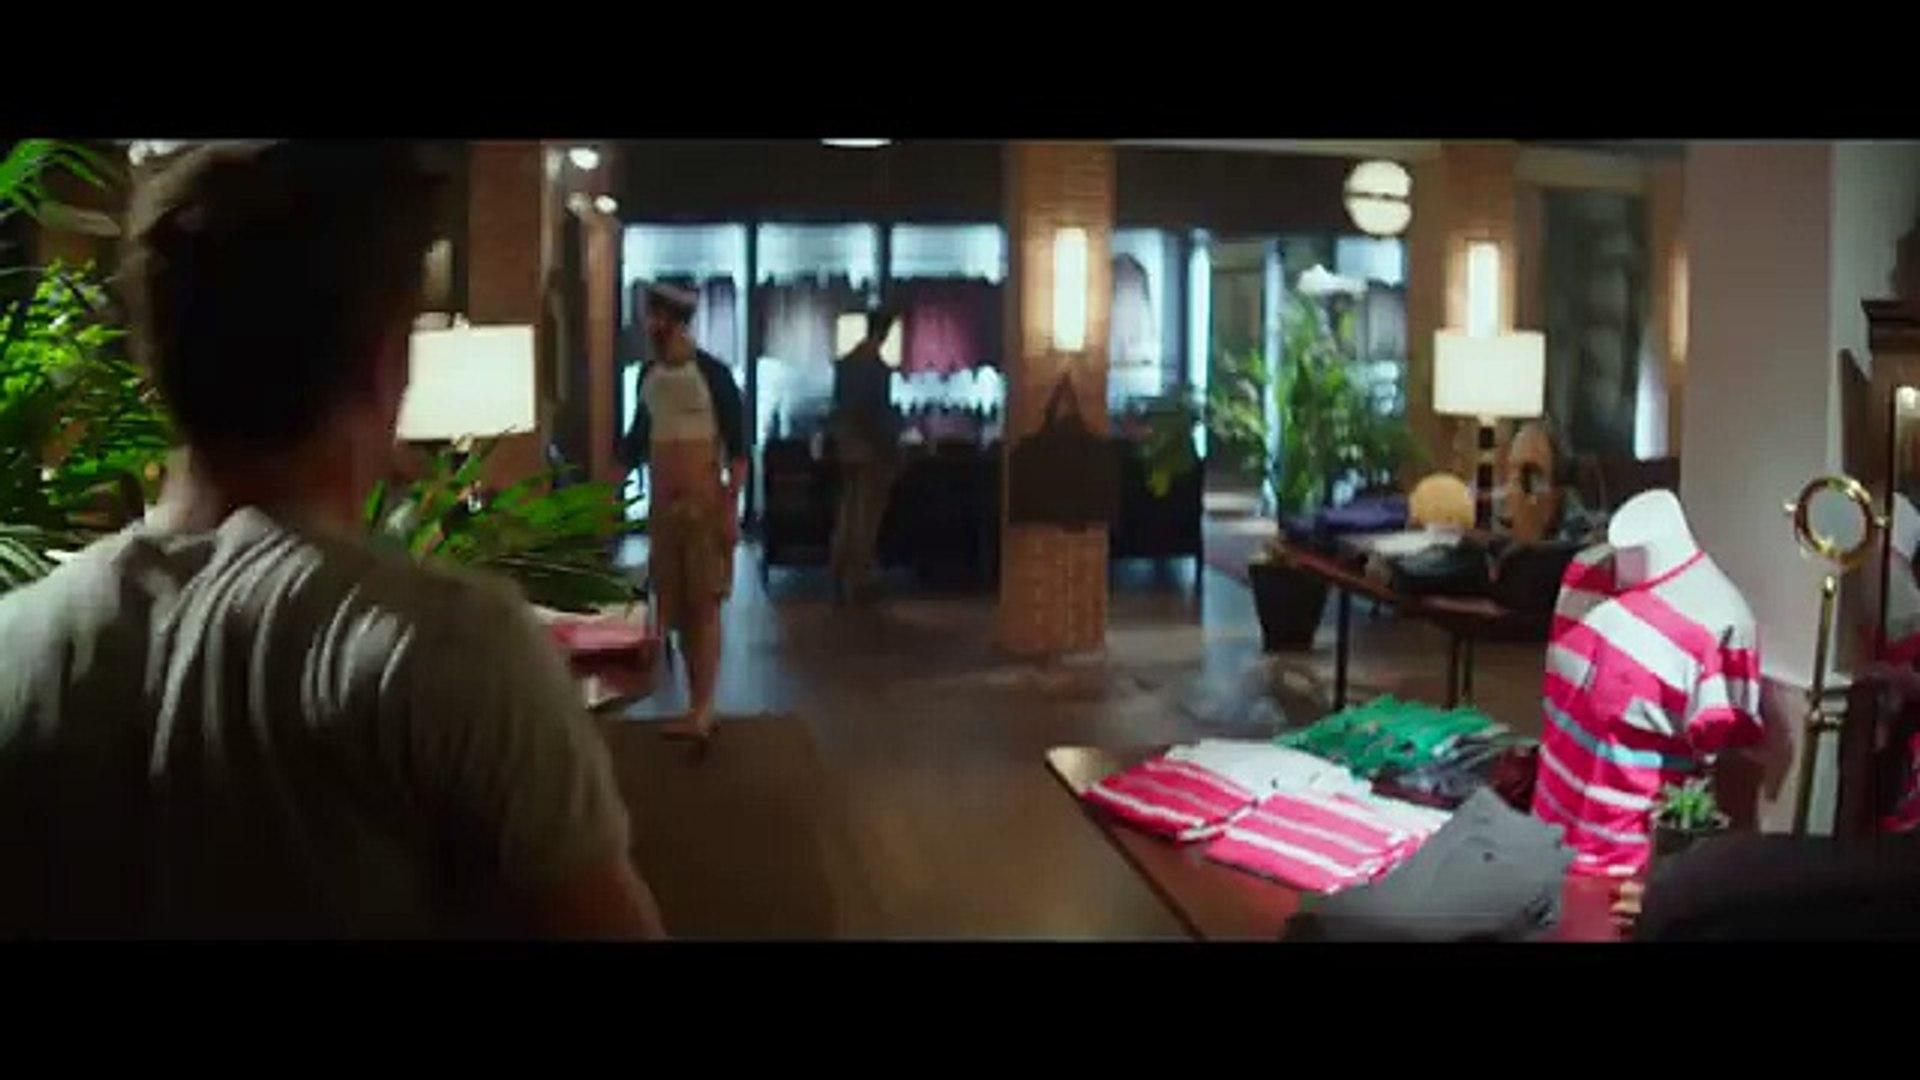 Zac Efron & Cameron Dallas - Neighbors 2 (Deleted Scene)